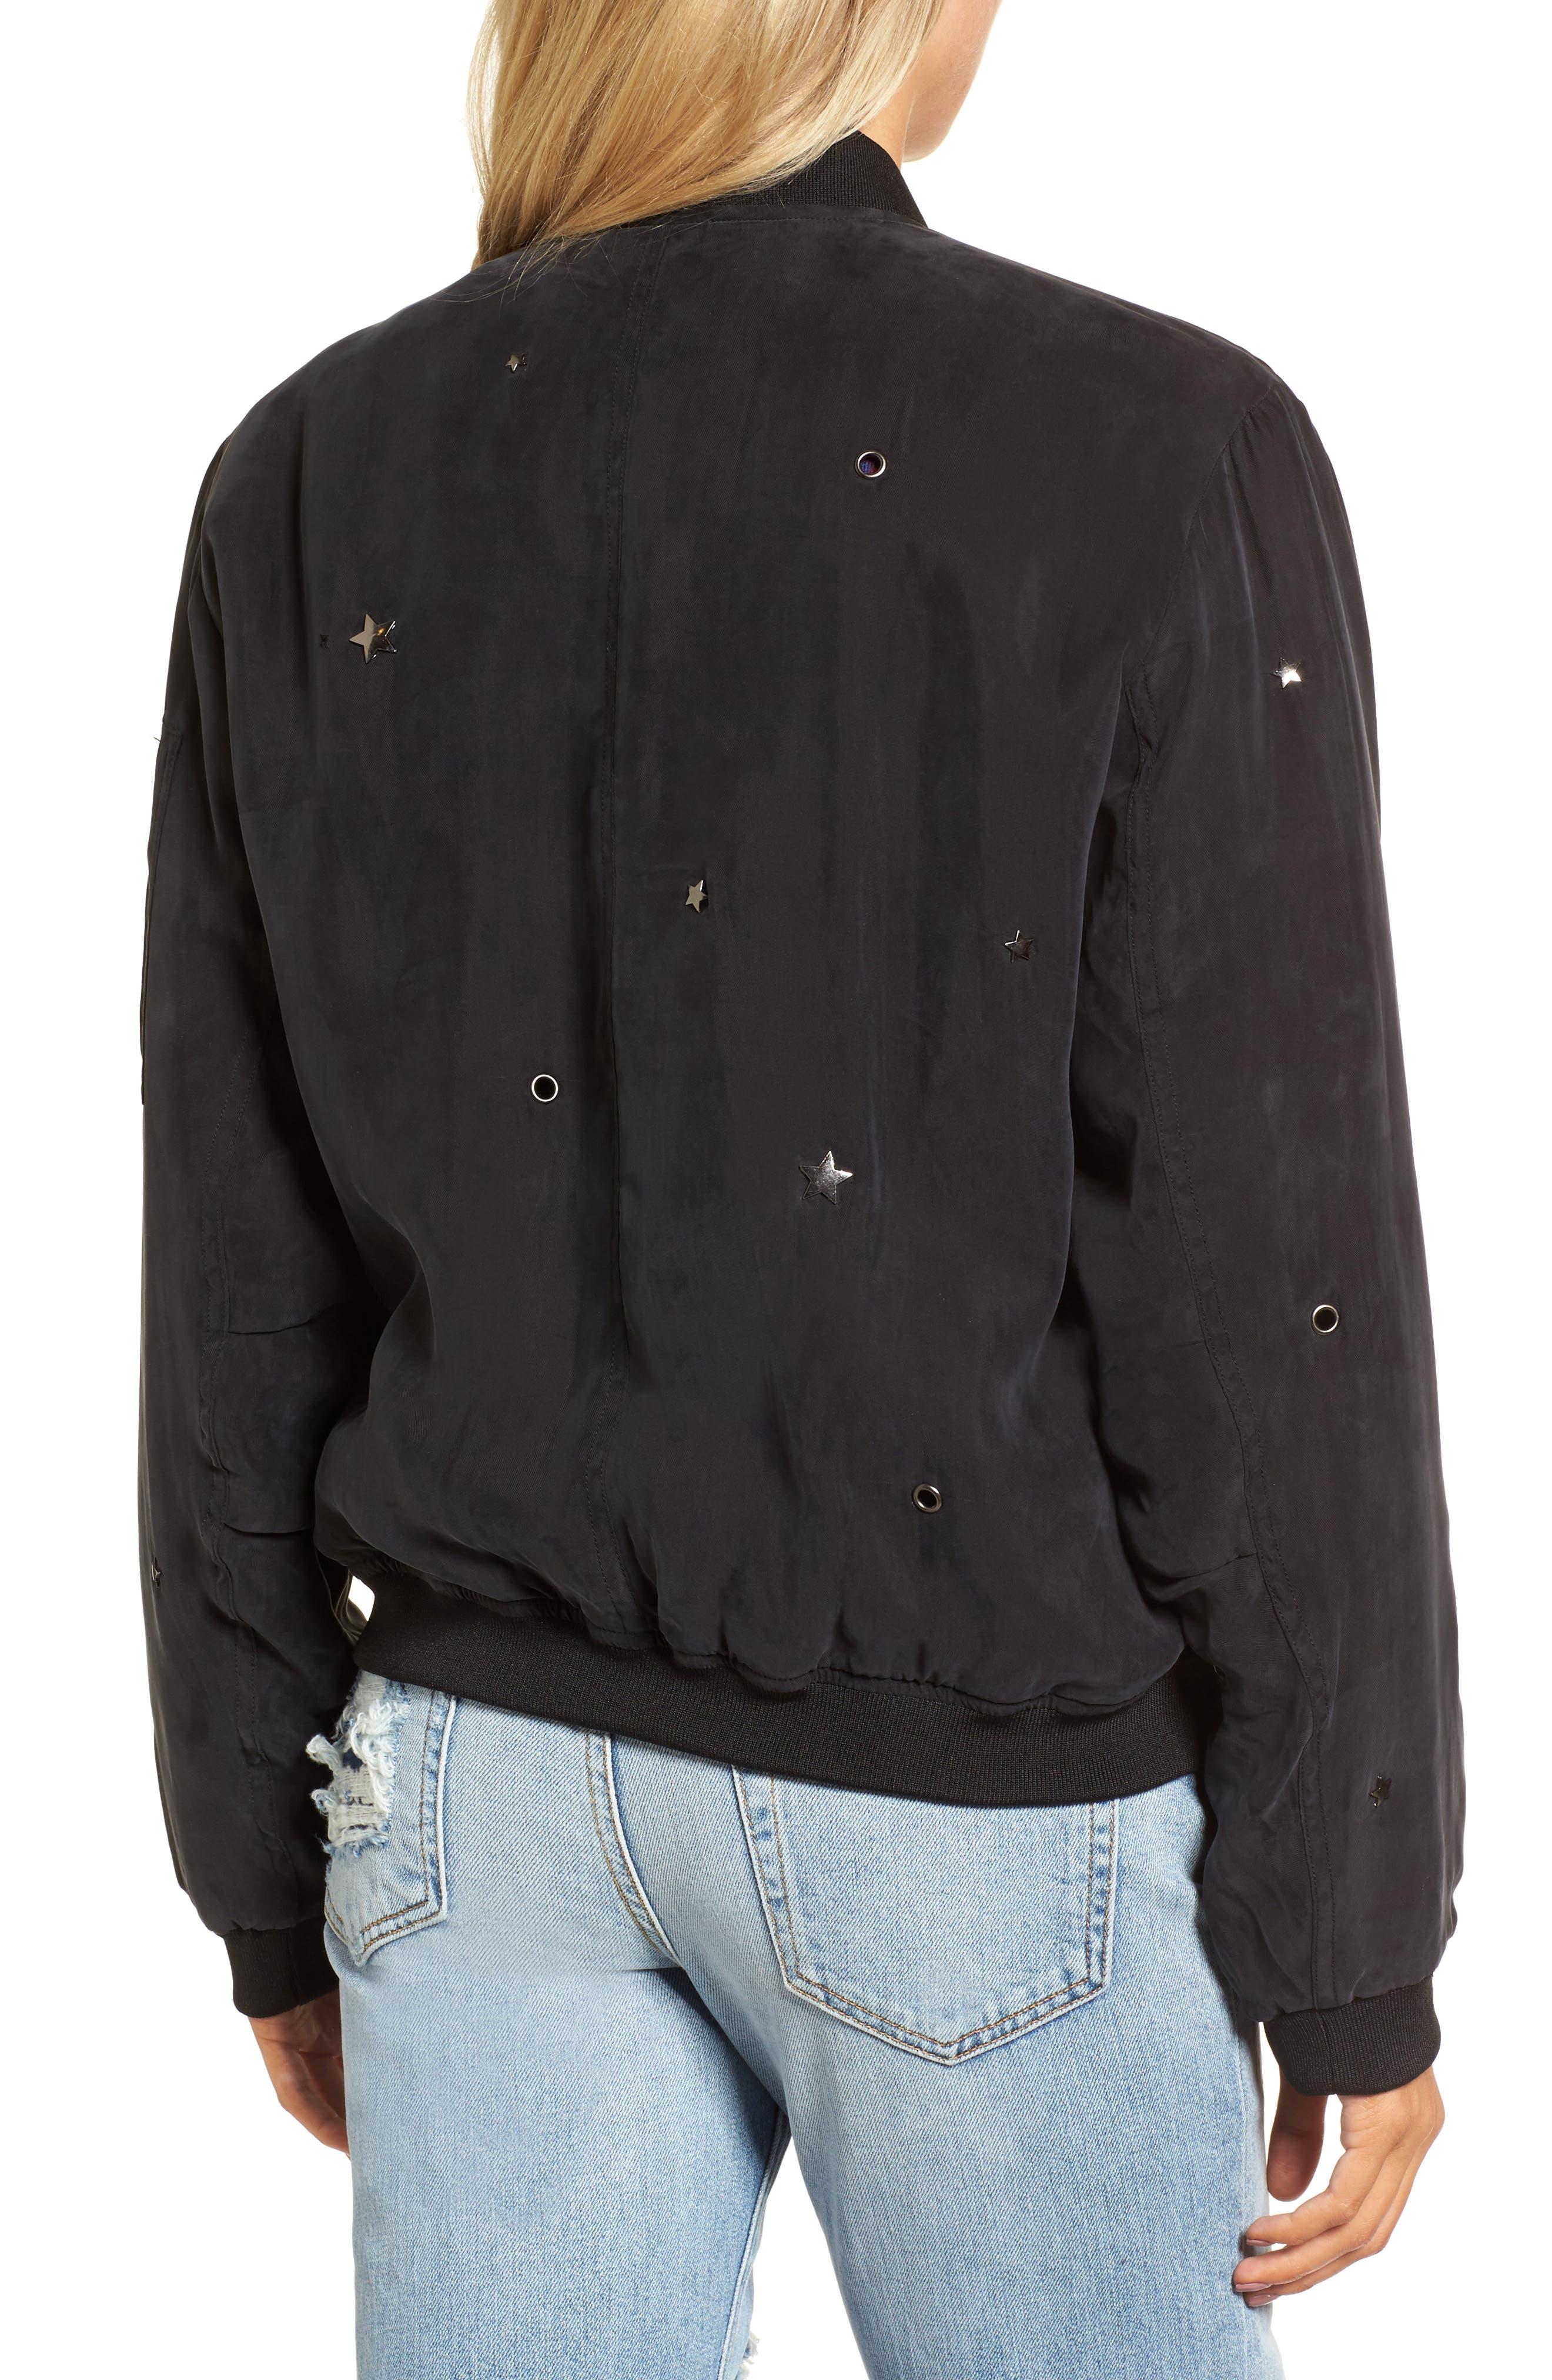 Ace Embellished Bomber Jacket,                             Alternate thumbnail 2, color,                             Black-Studded